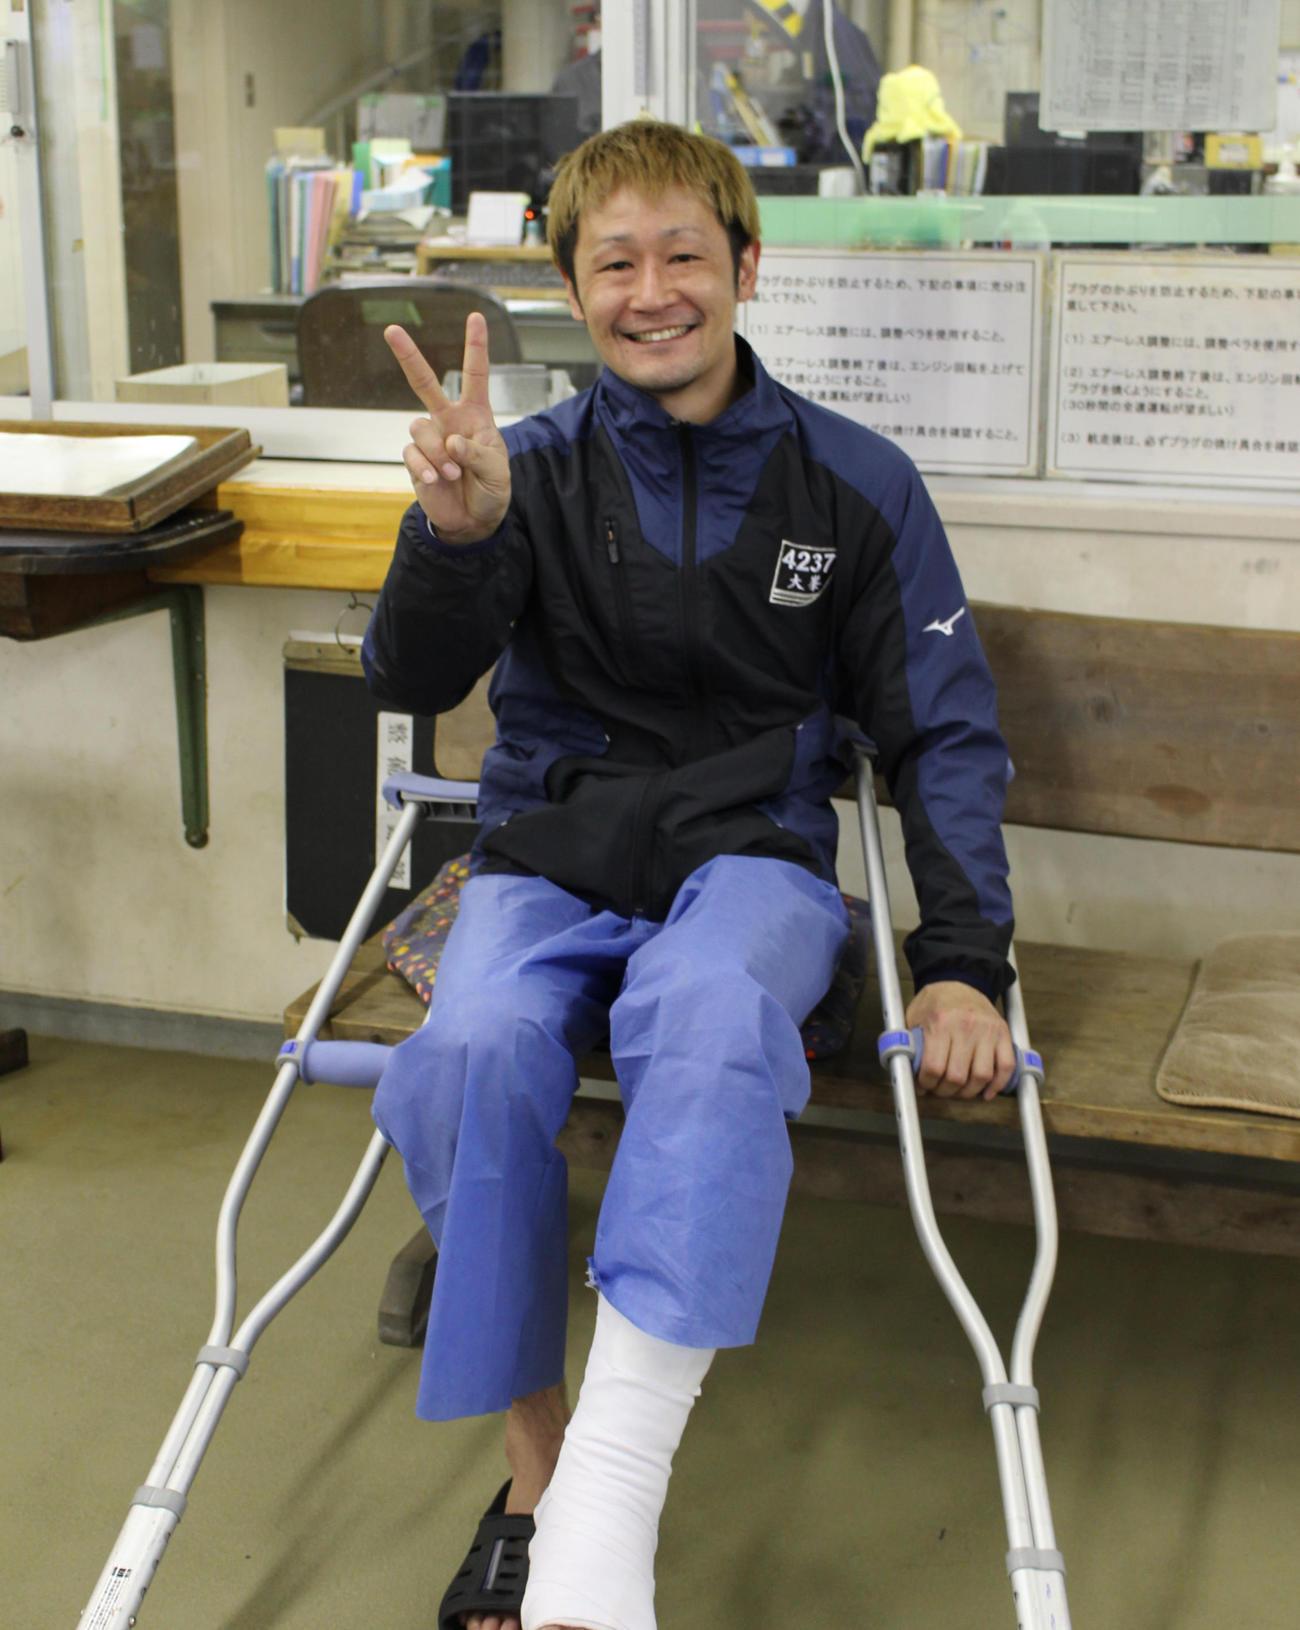 【競艇アクシデント】大峯豊選手がレース中の事故で左腓骨骨幹部骨折、手術へ ボートレース徳山・競艇選手